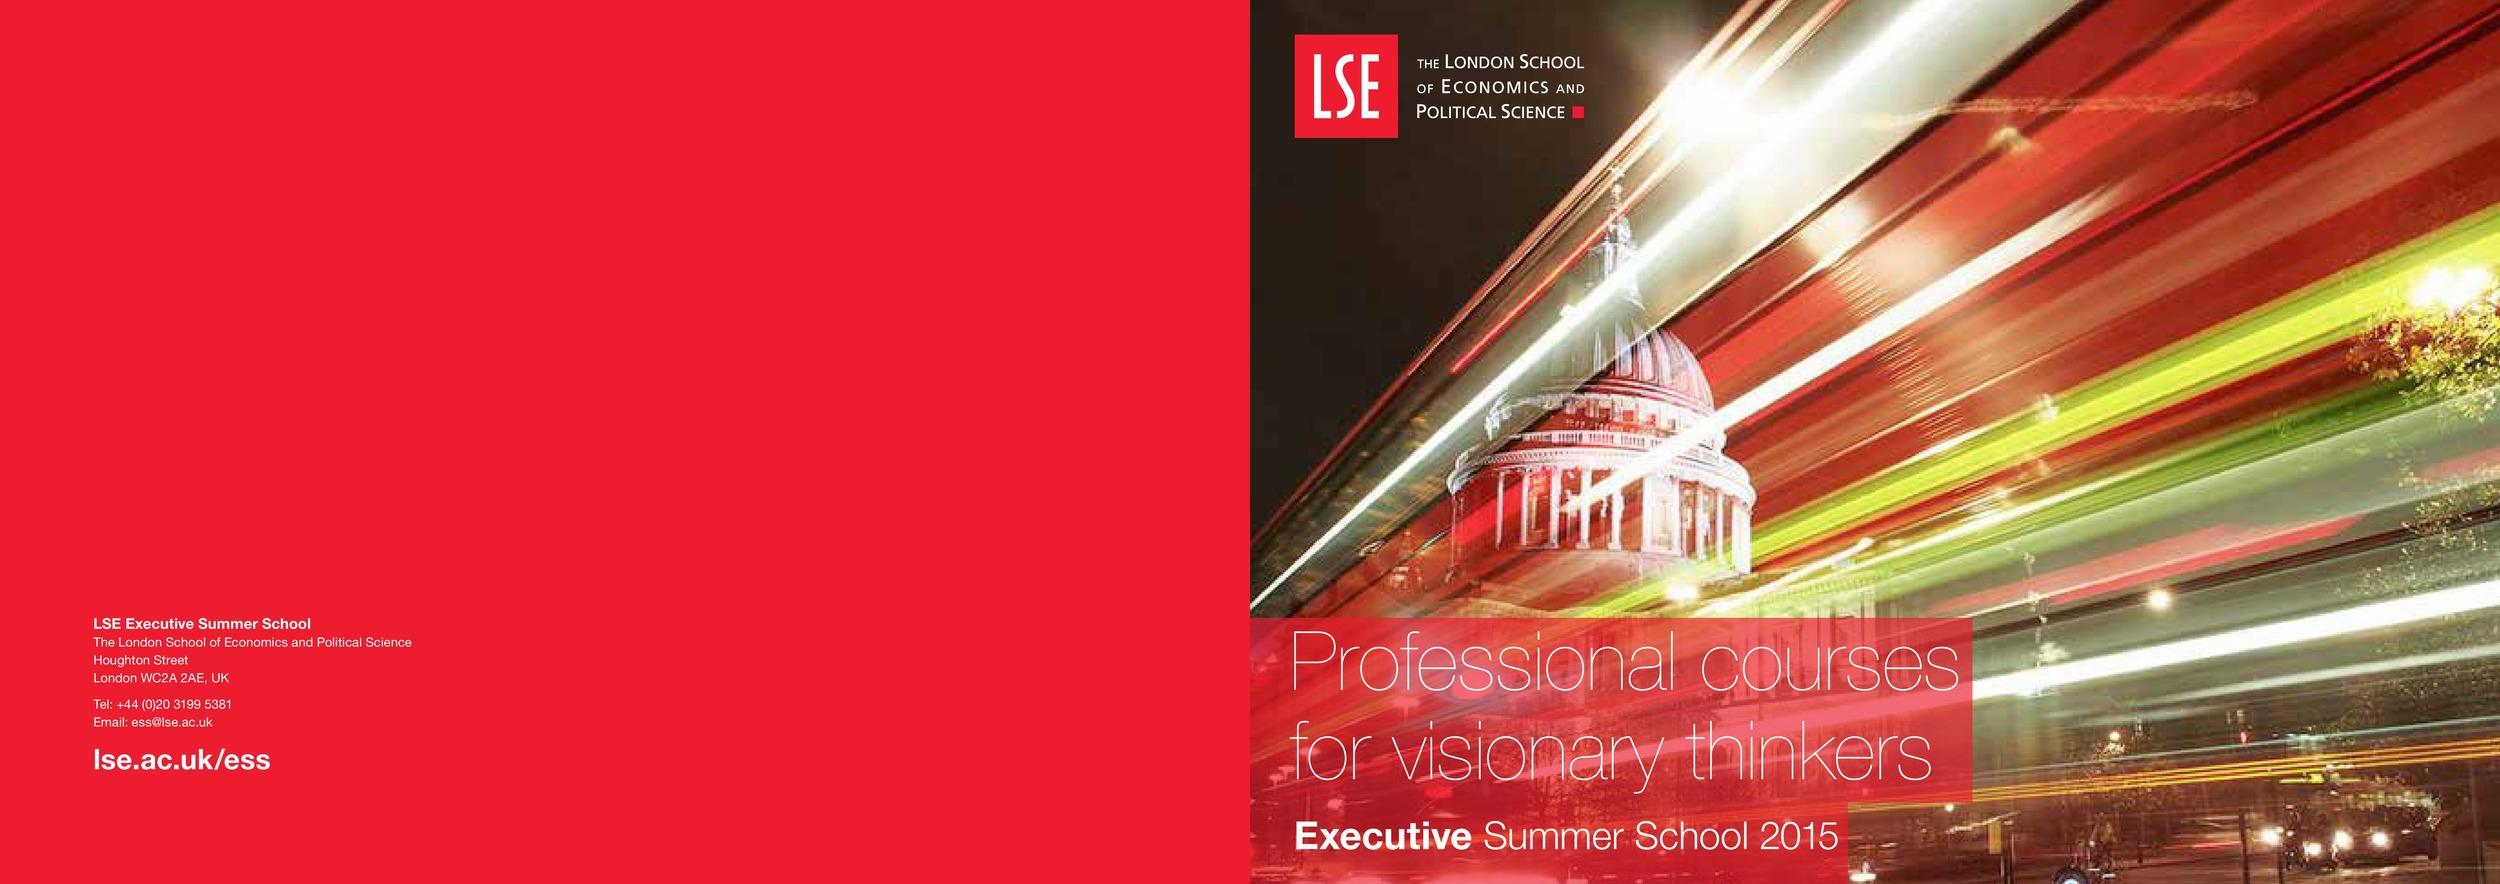 London School of Economics LSE Brochure